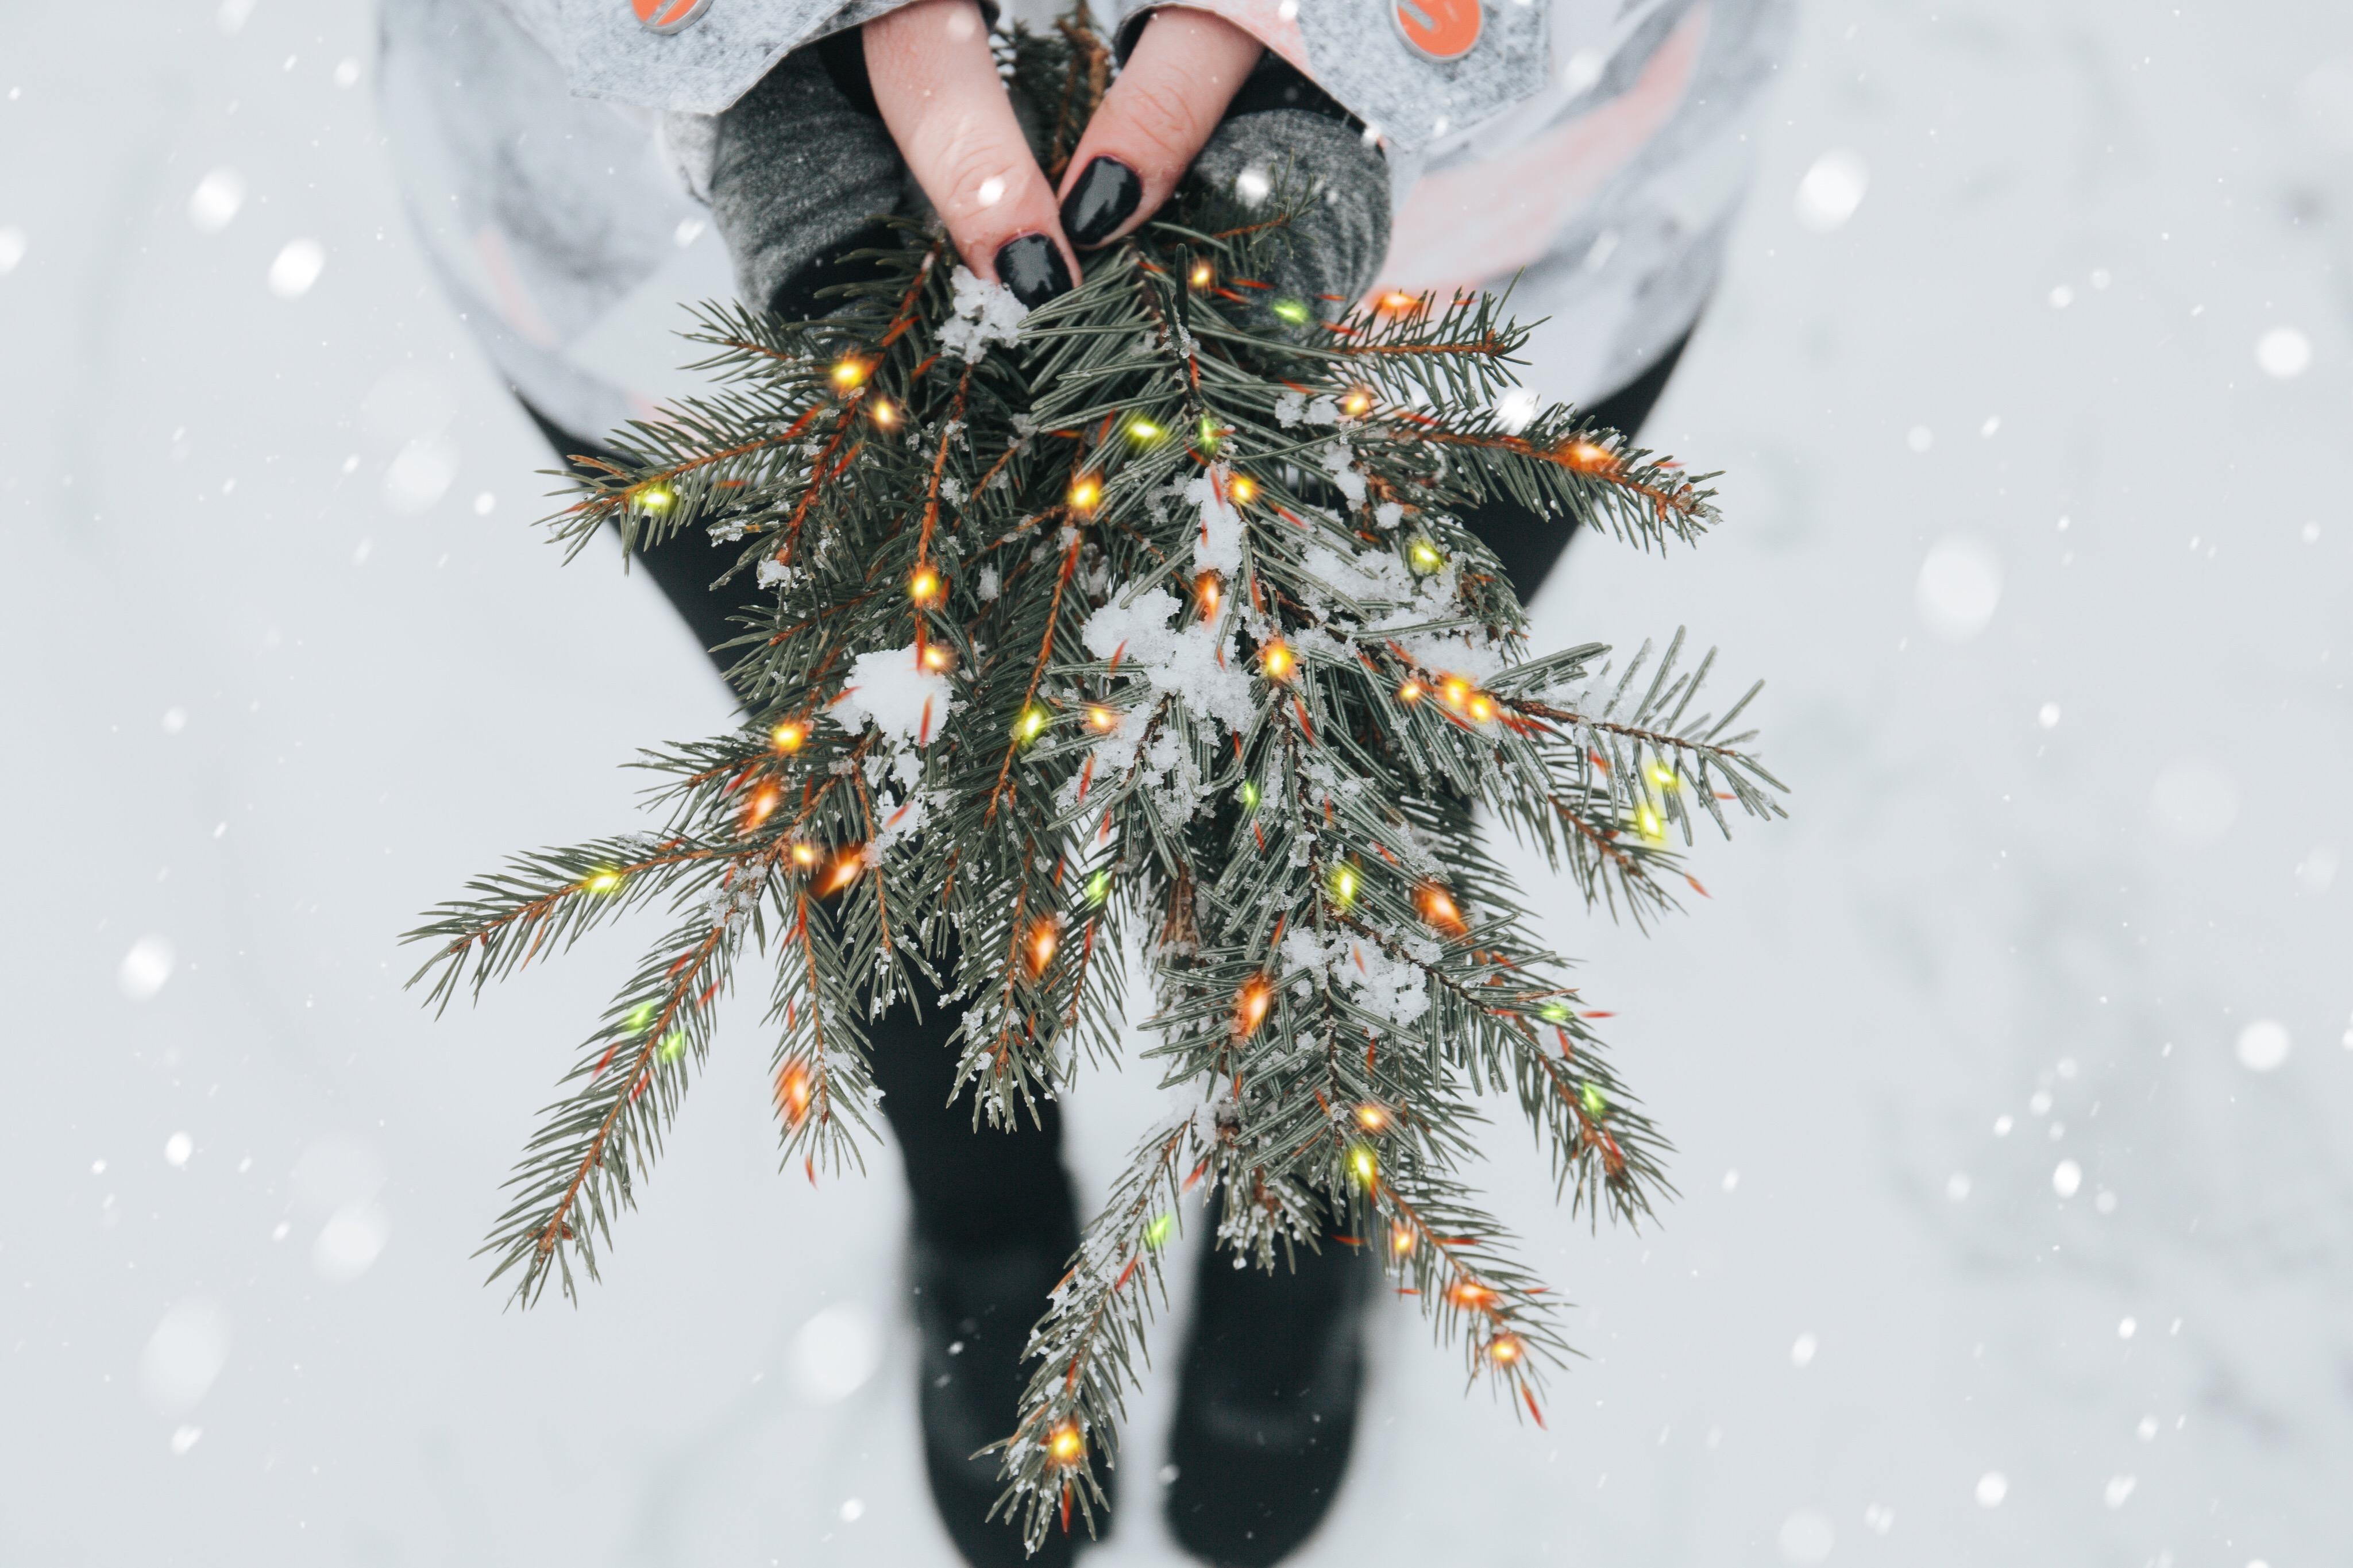 #holiday #christmasbrushes #freetoedit